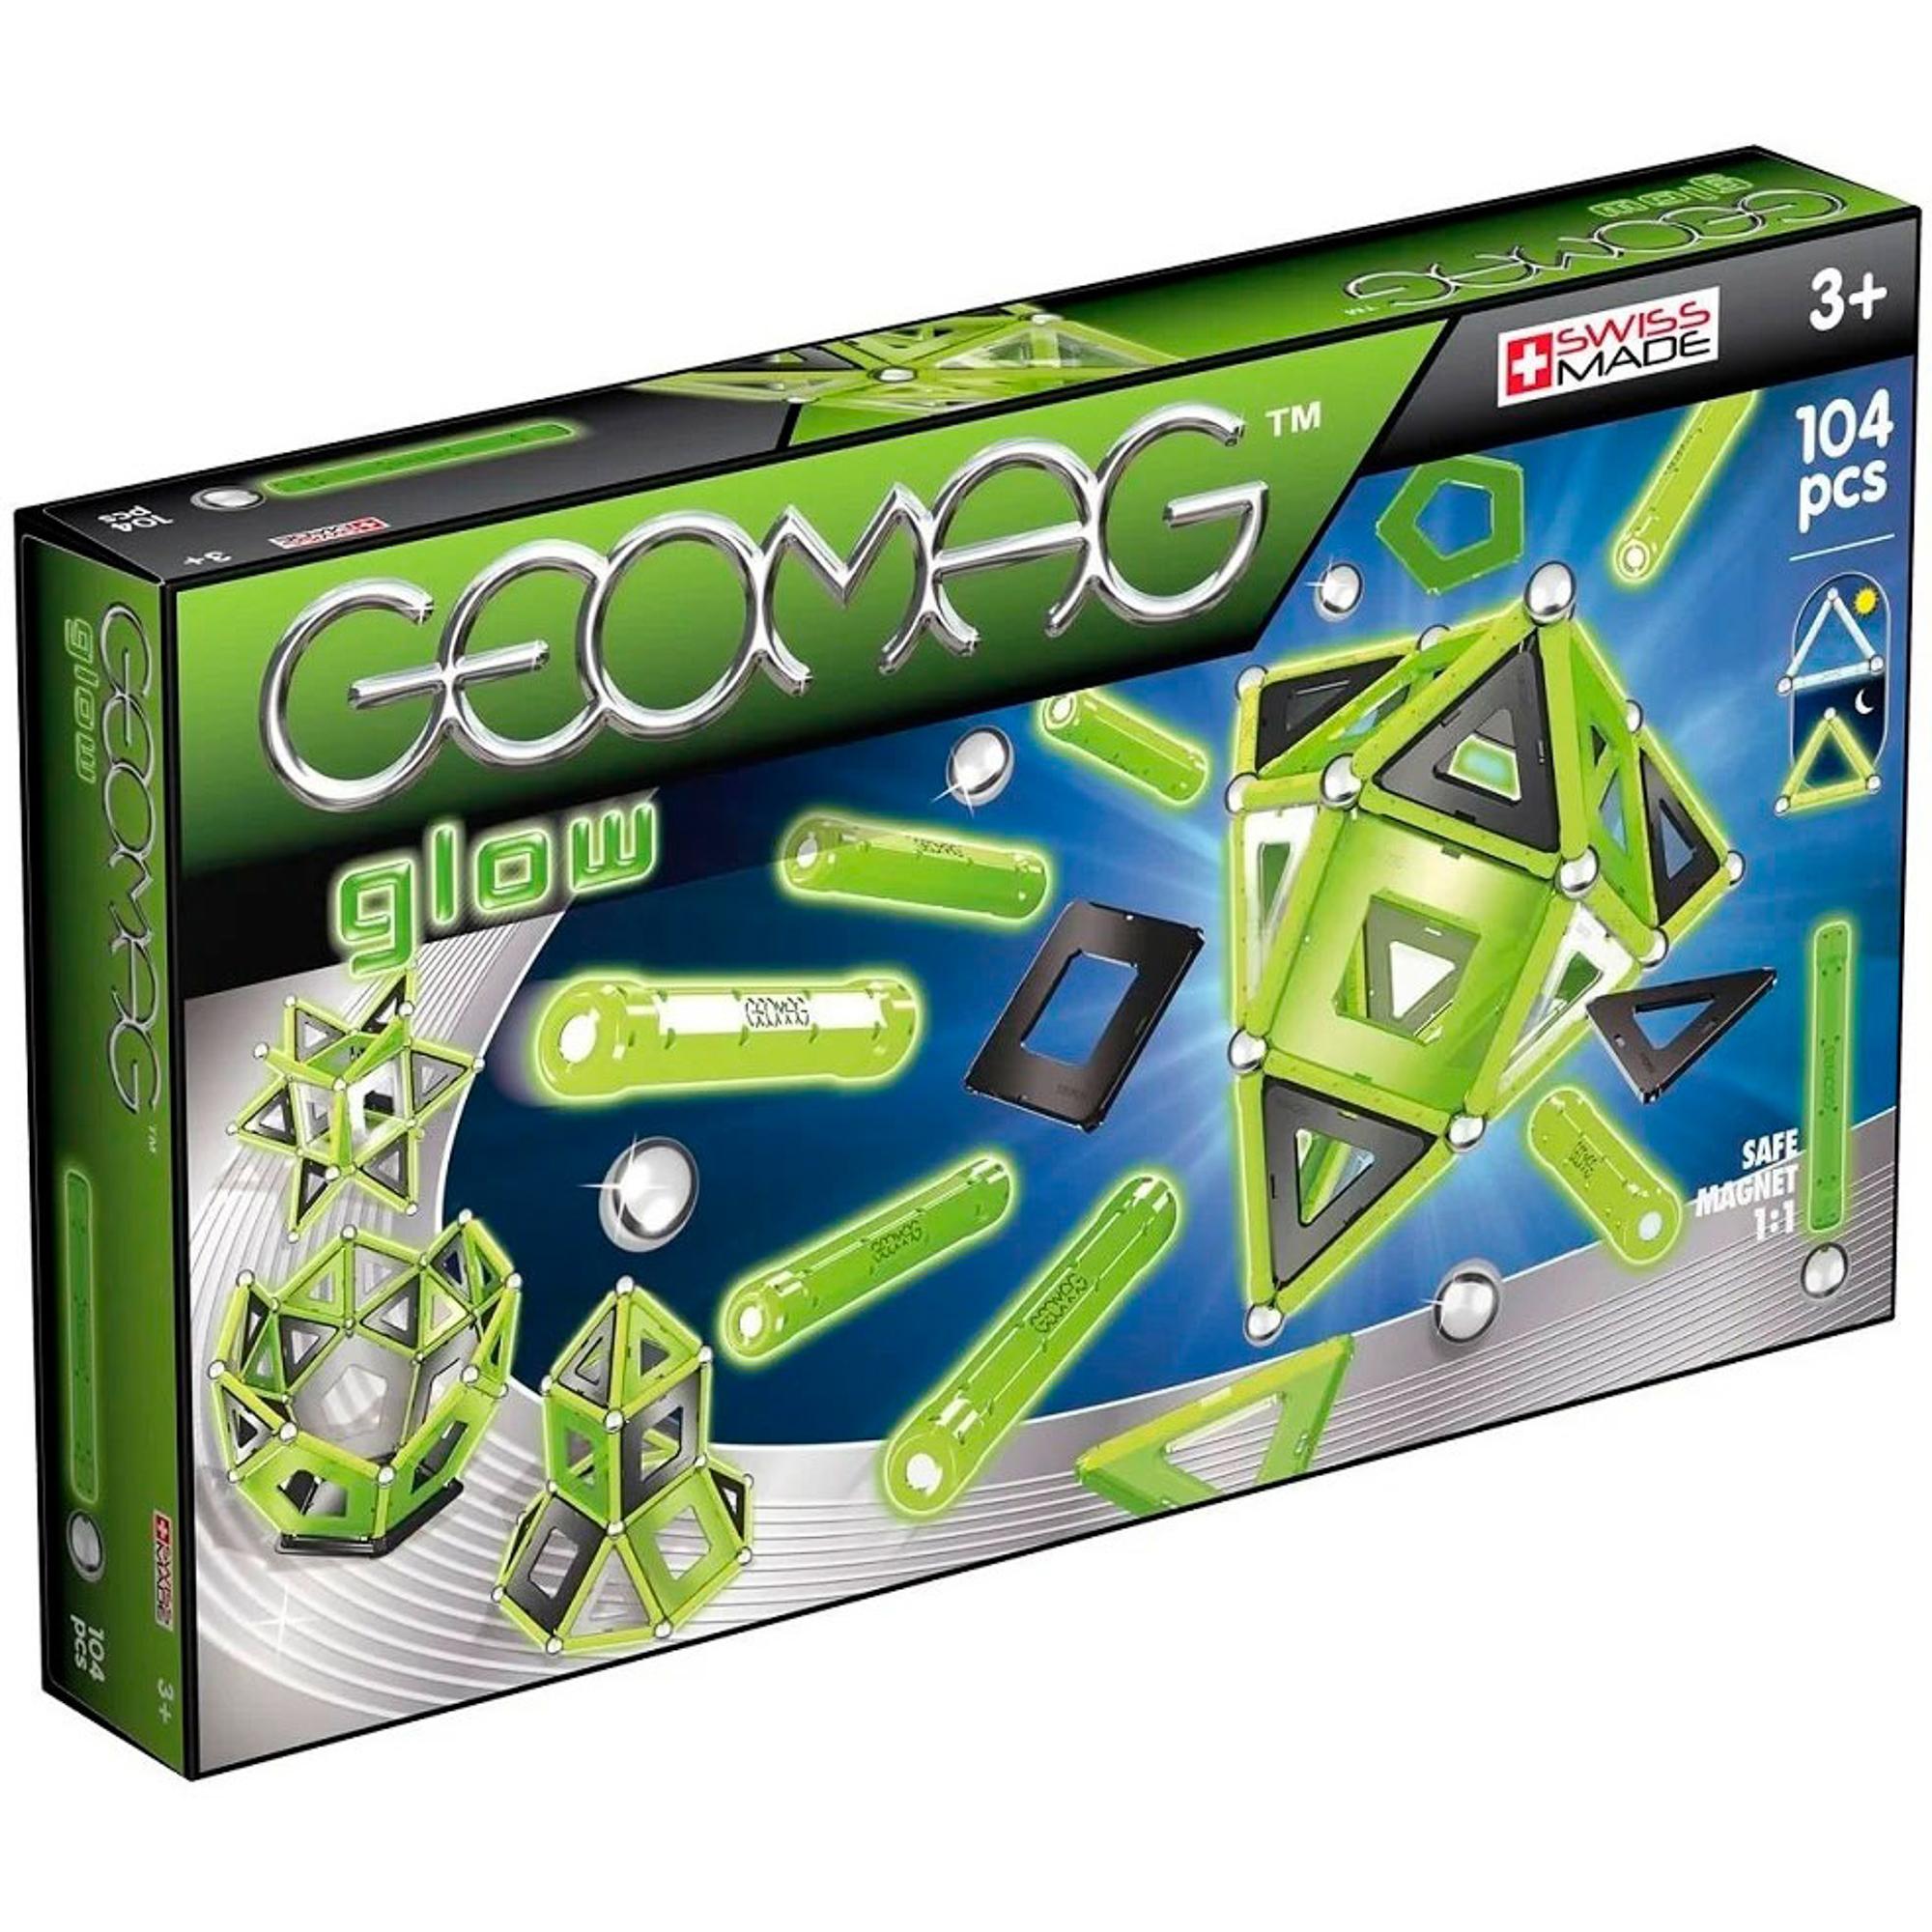 Купить Конструктор магнитный Geomag Glow 337, Швейцария, пластик, металл, магнит, универсальный, Конструкторы, пазлы